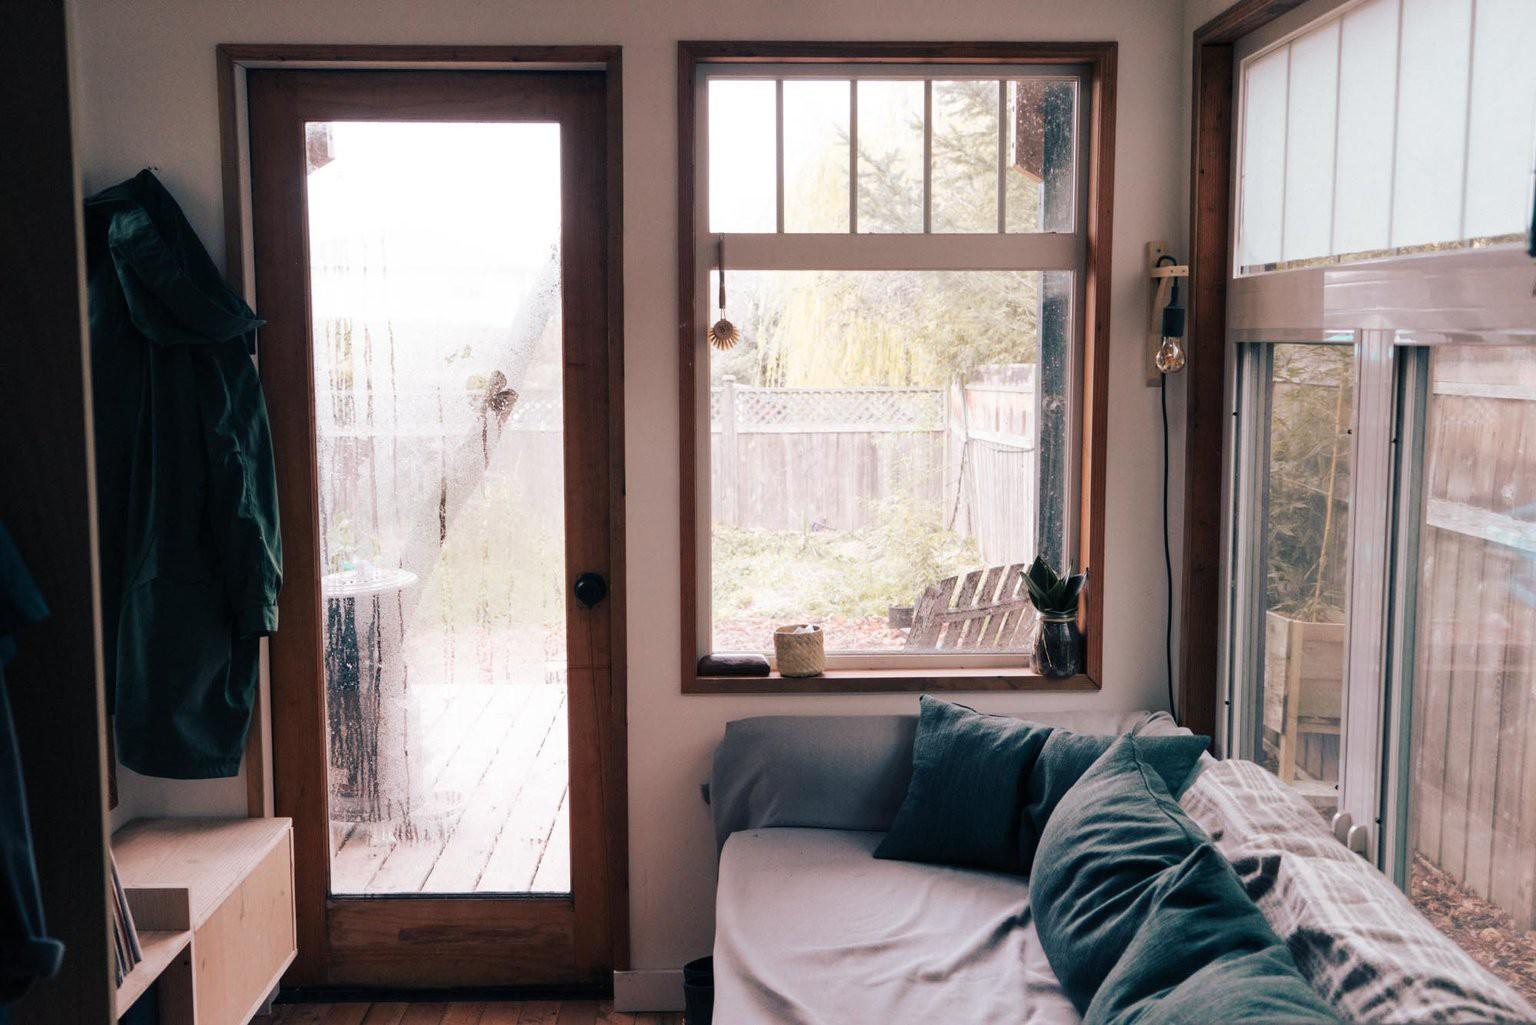 Tham quan ngôi nhà chưa tới 10m2 của một nhiếp ảnh gia Canada, với triết lý sống không xanh và sạch - Ảnh 8.